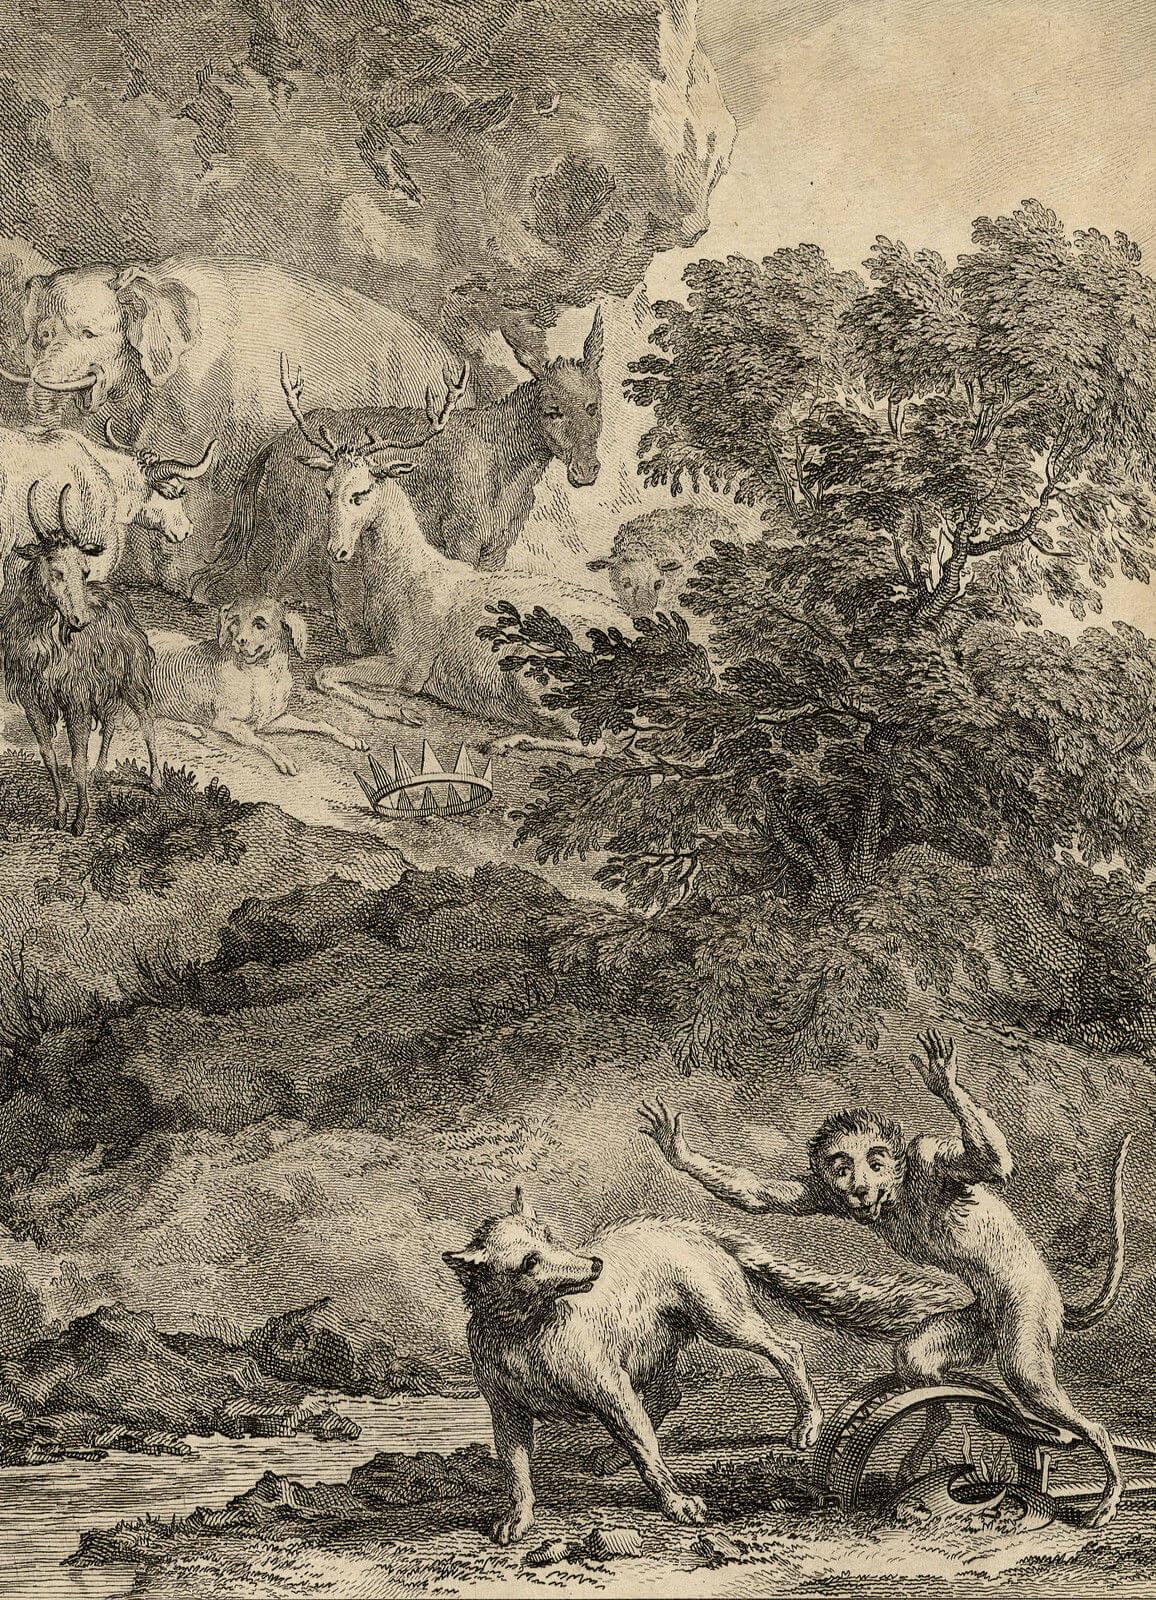 Gravure Le renard, le singe et les animaux